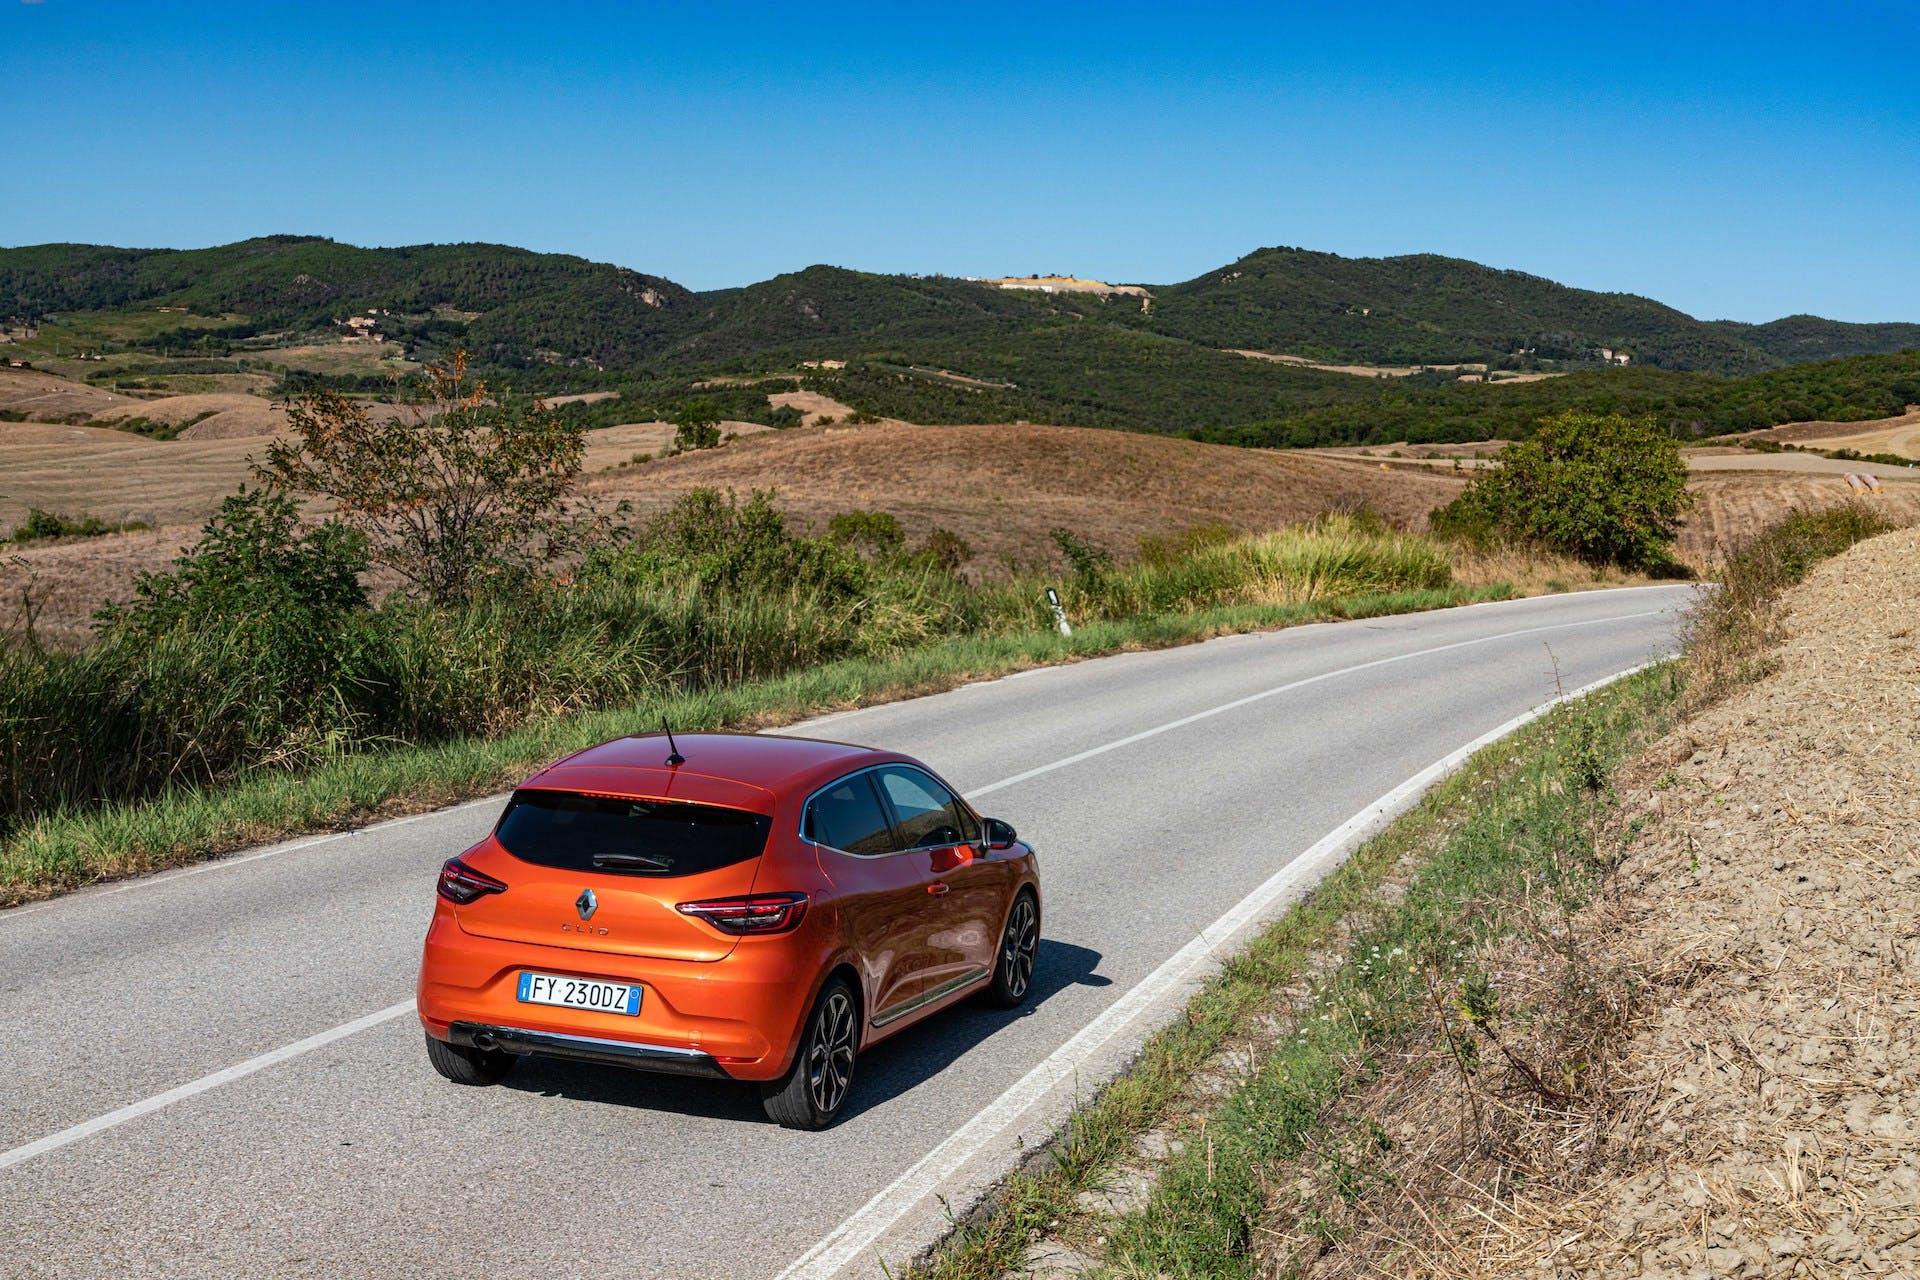 Nuova Renault CLIO arancione toscana